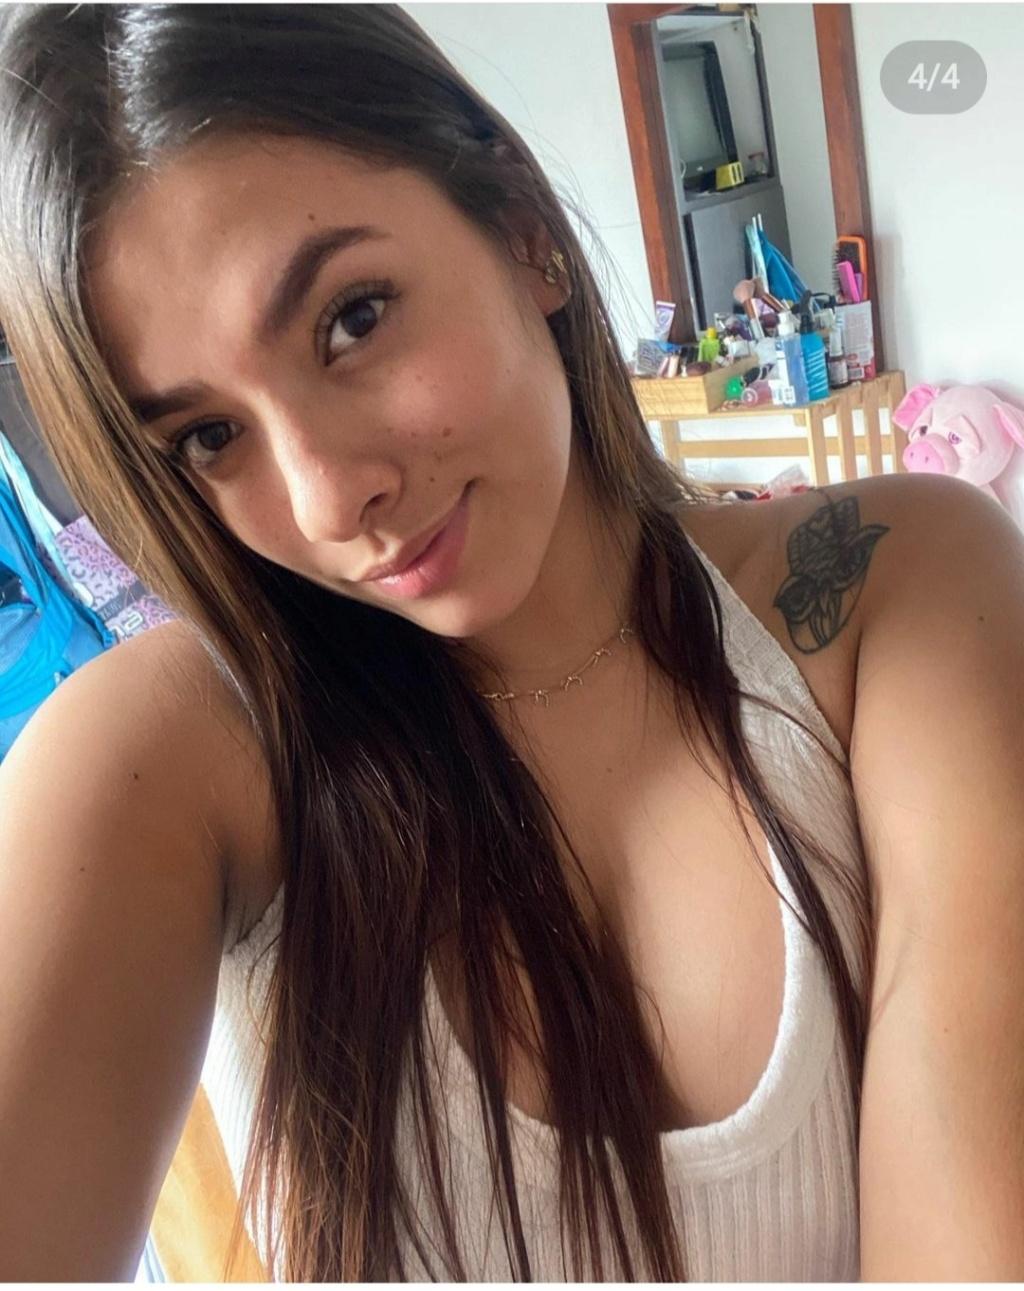 DEBATE sobre belleza, guapura y hermosura (fotos de chicas latinas, mestizas, y de todo) - VOL II - Página 8 Img_1383